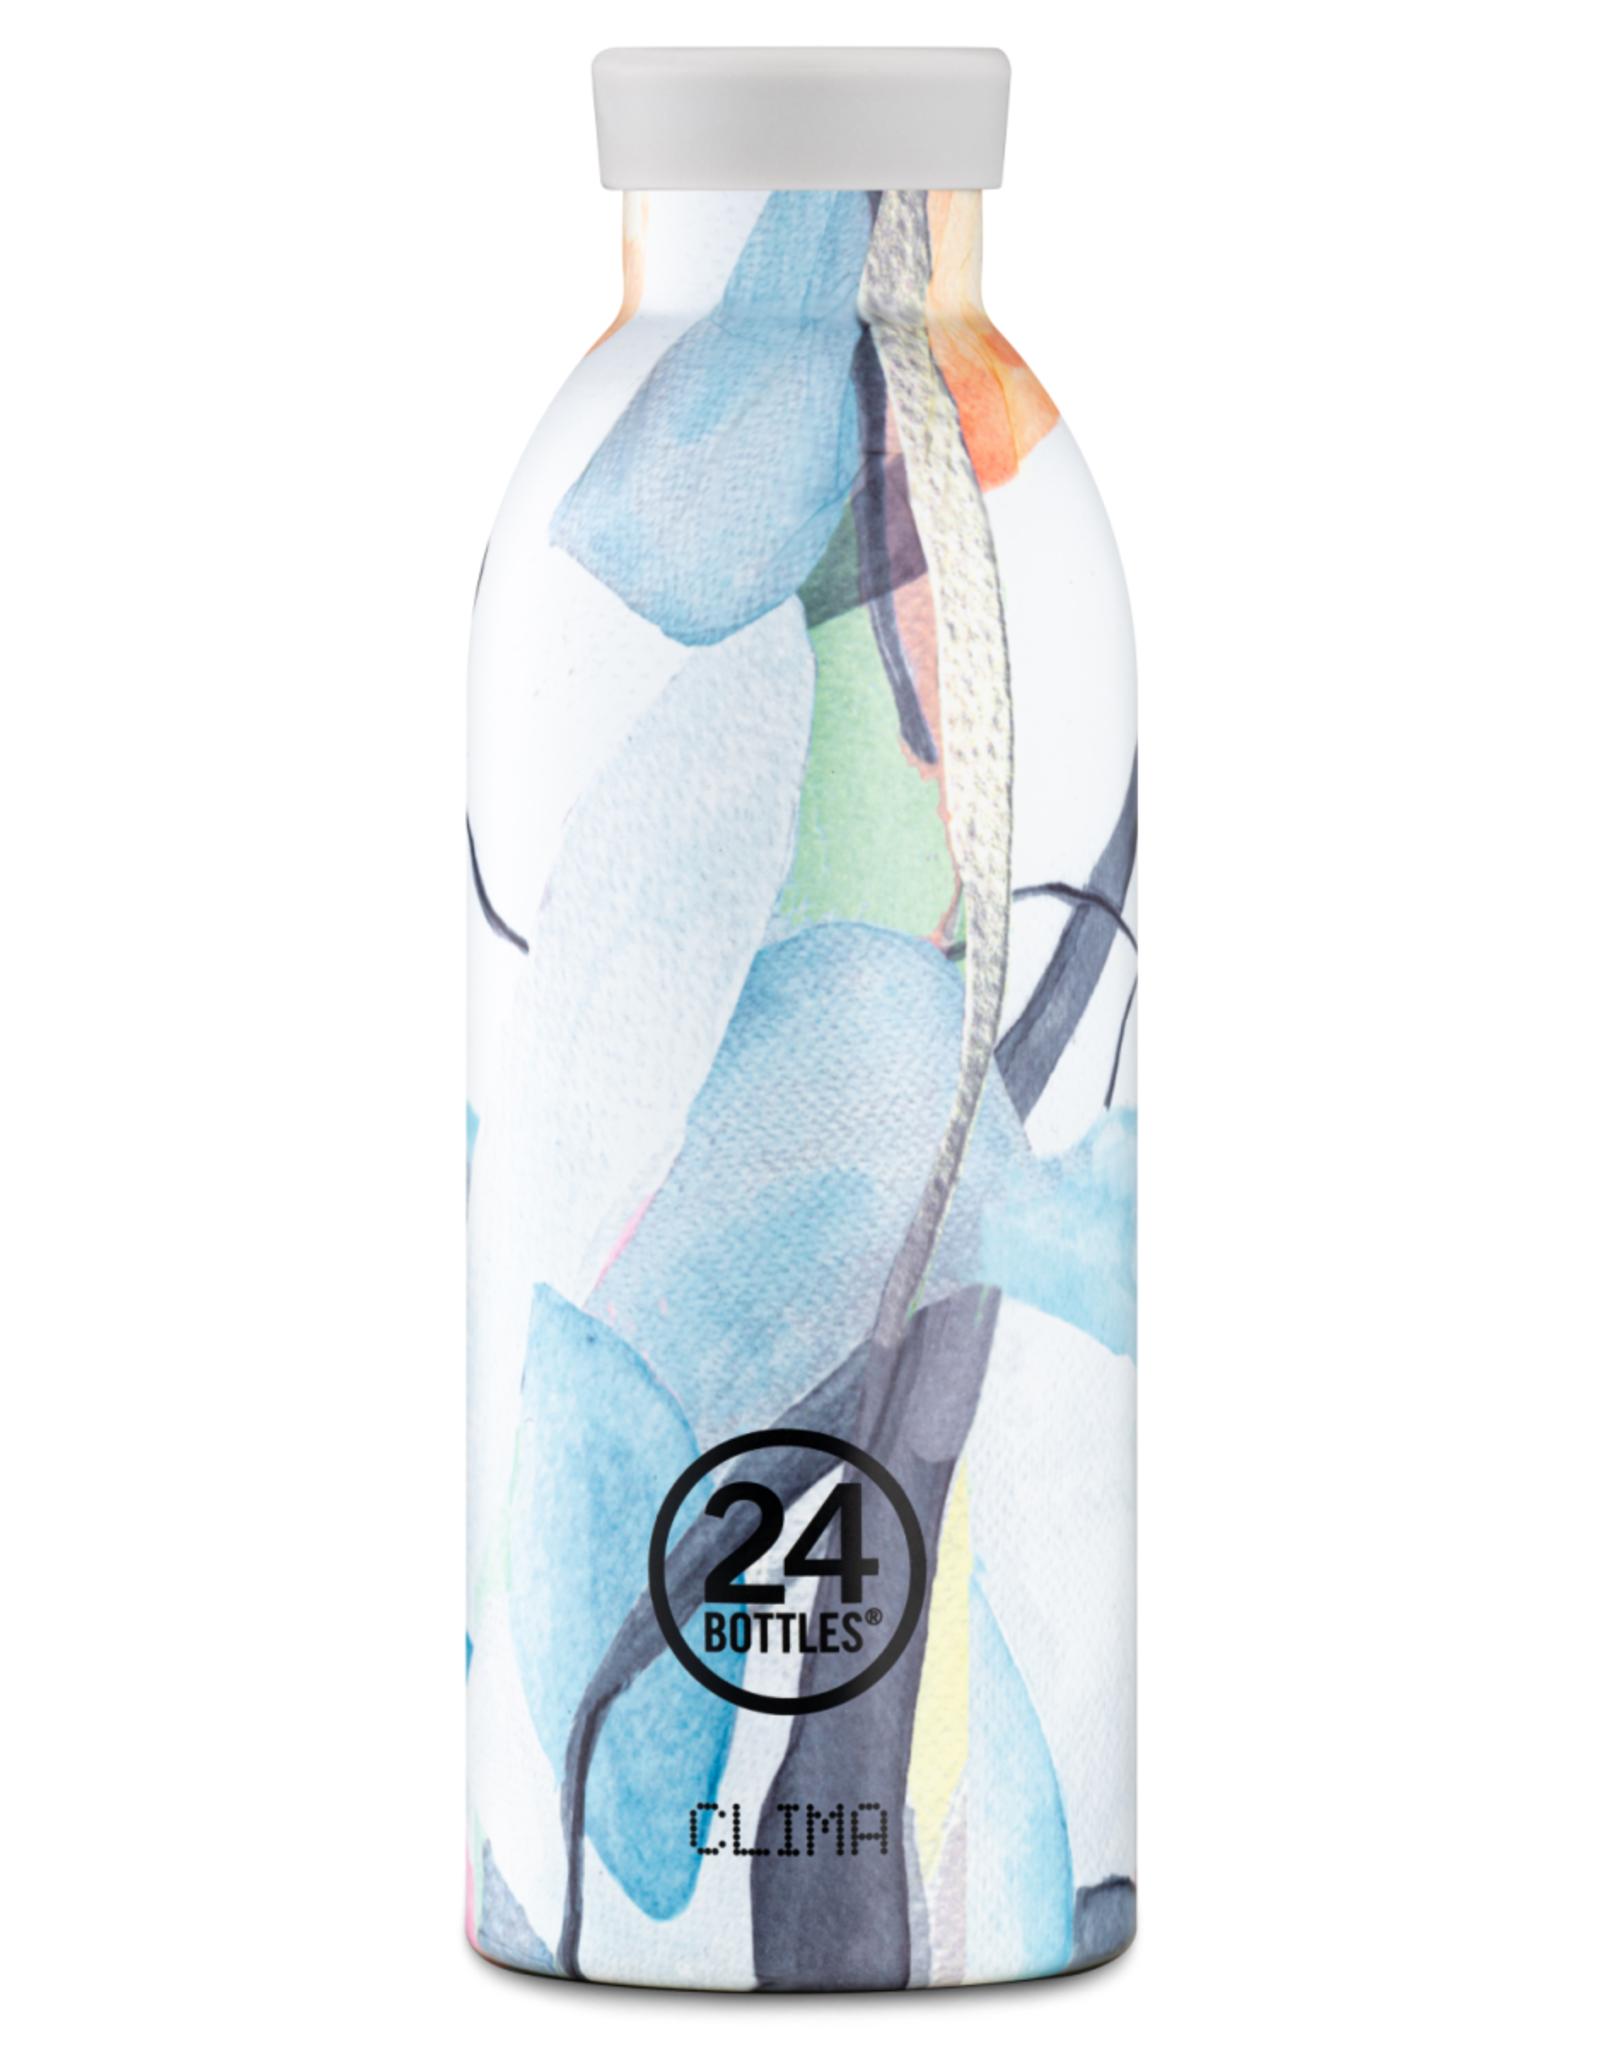 24 bottles Clima tea infuser bottle - Nebula 500 ml